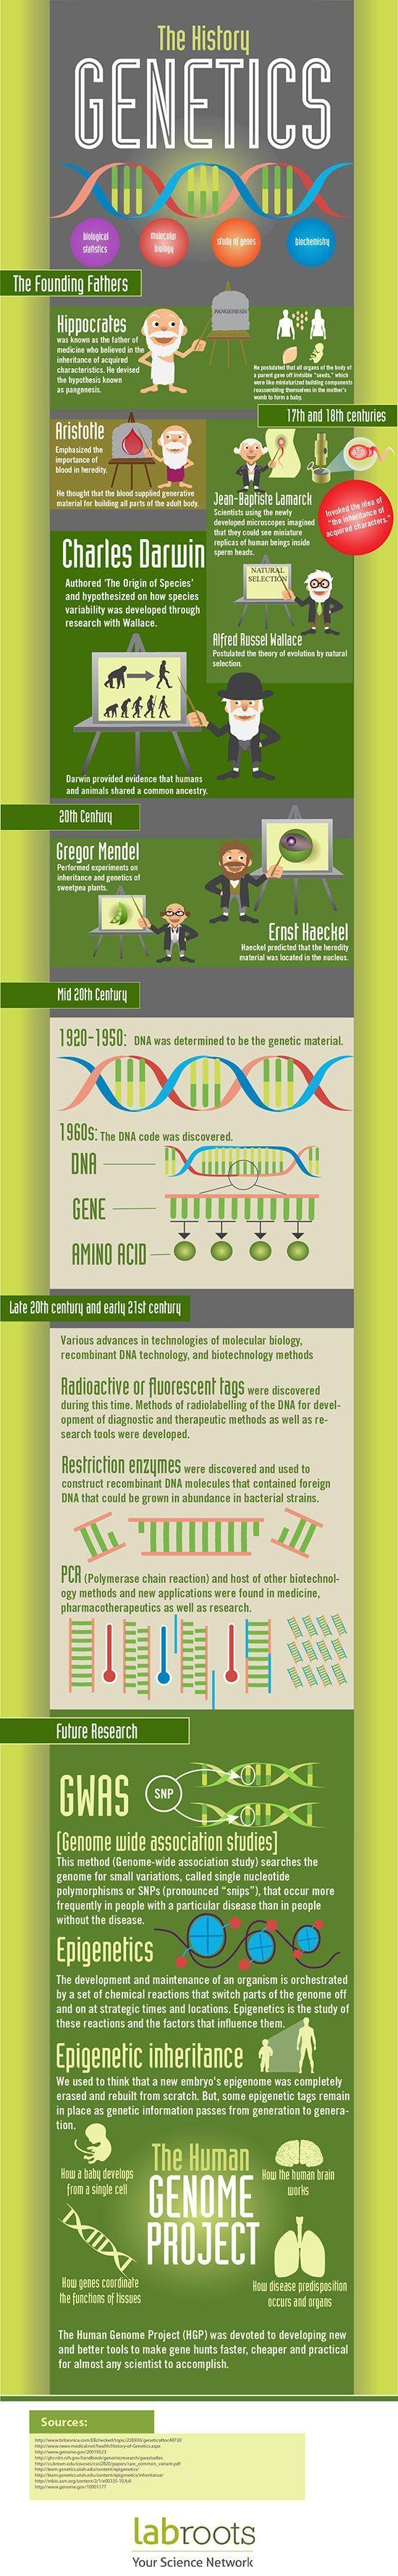 Histoire de la génétique